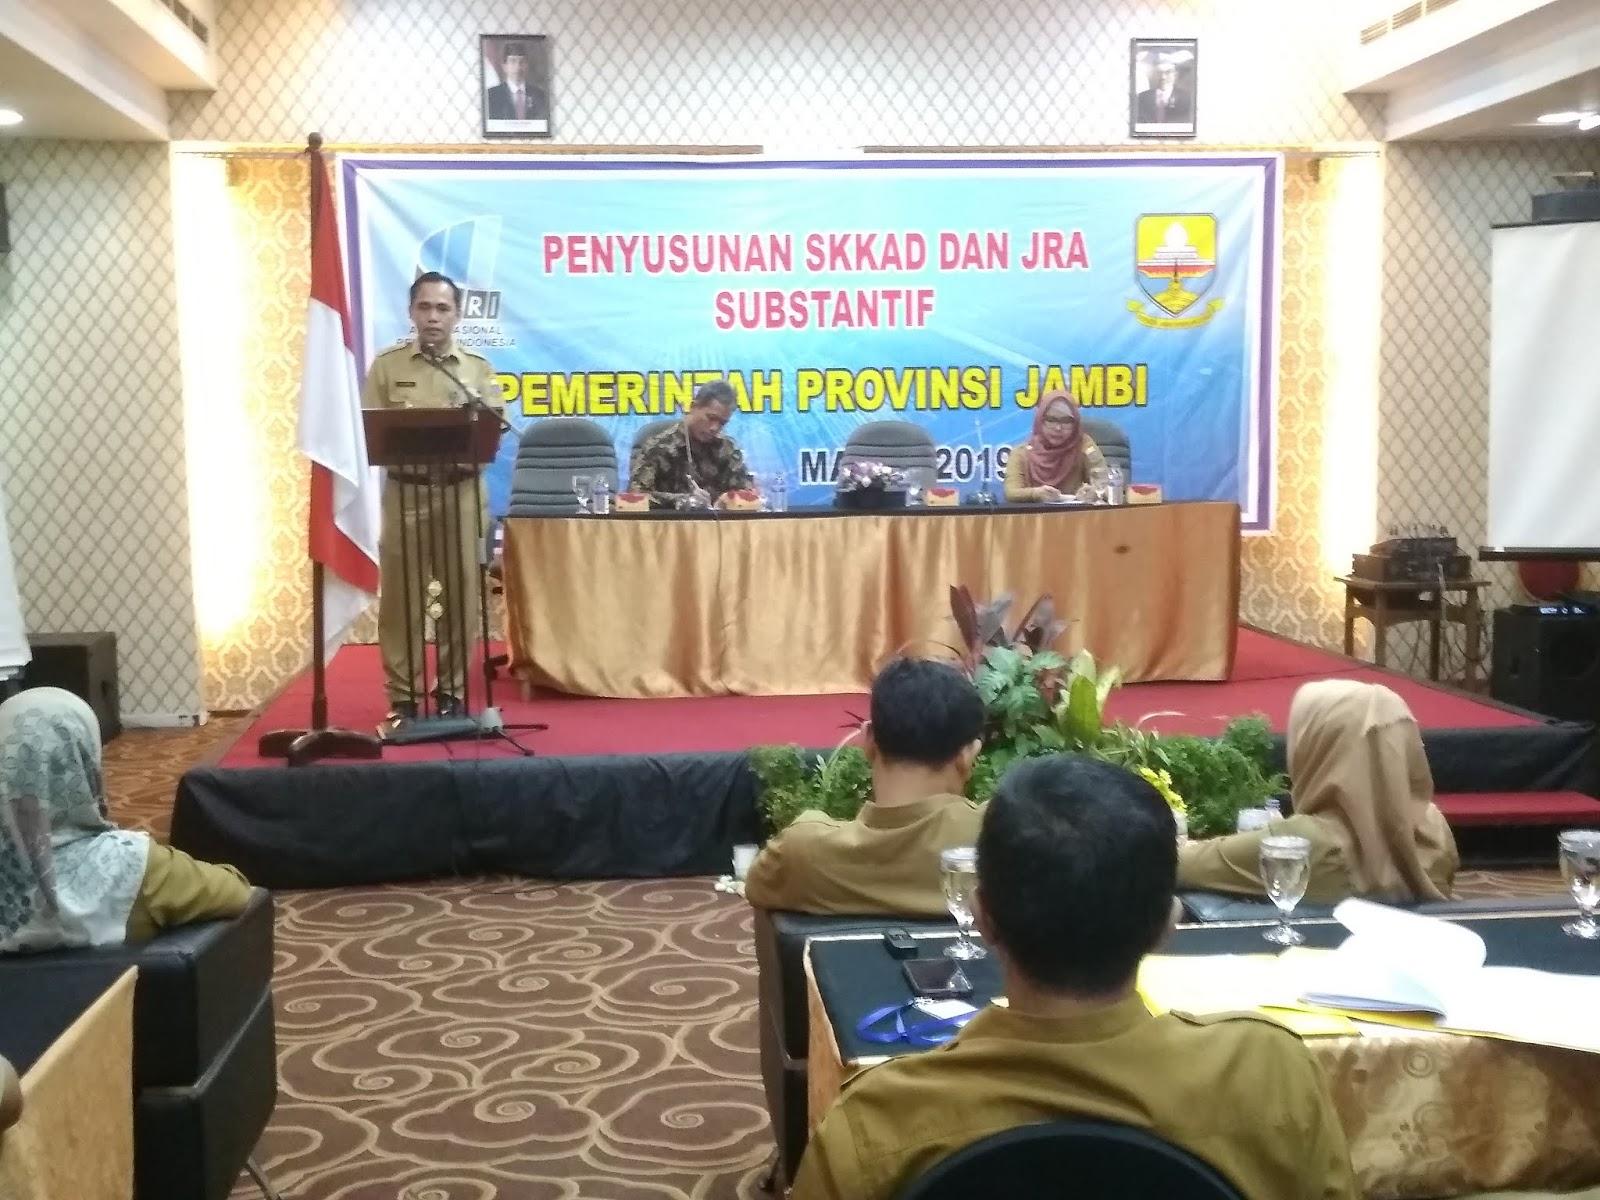 Sekretaris Dinas Perpustakaan Dan Arsip Daerah Provinsi Jambi Buka Penyusunan SKKAD Dan JRA Substantif Pemerintah Provinsi Jambi.